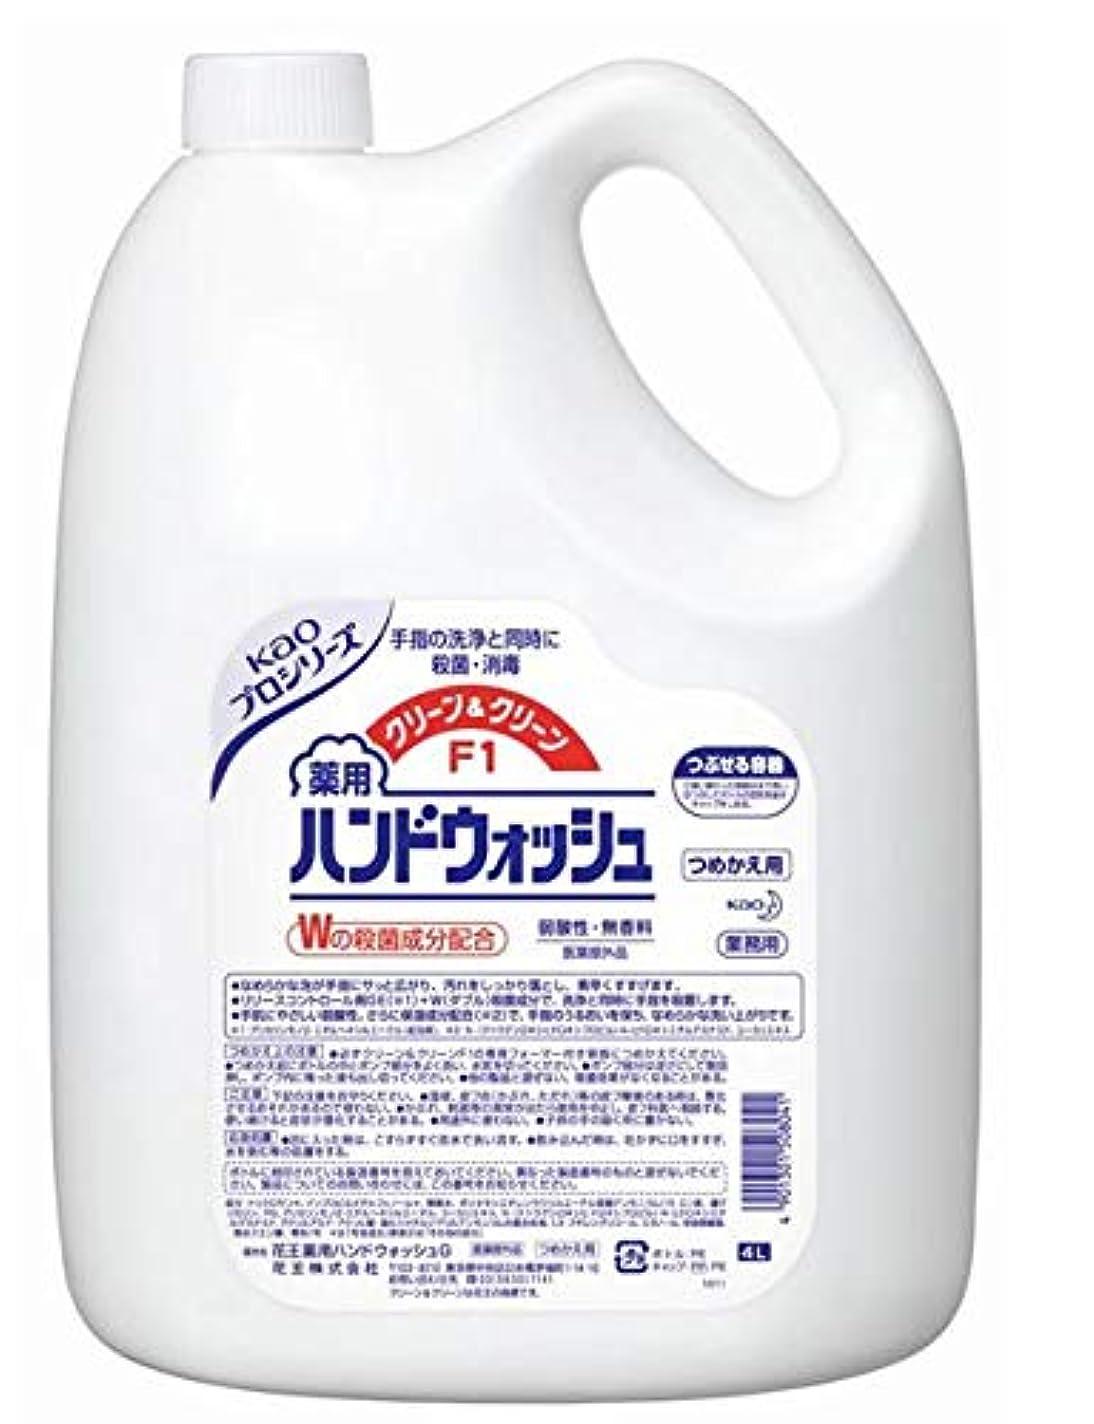 ピンポイント支店障害者花王 クリーン&クリーンF1 薬用ハンドウォッシュ 4リットル 3缶セット